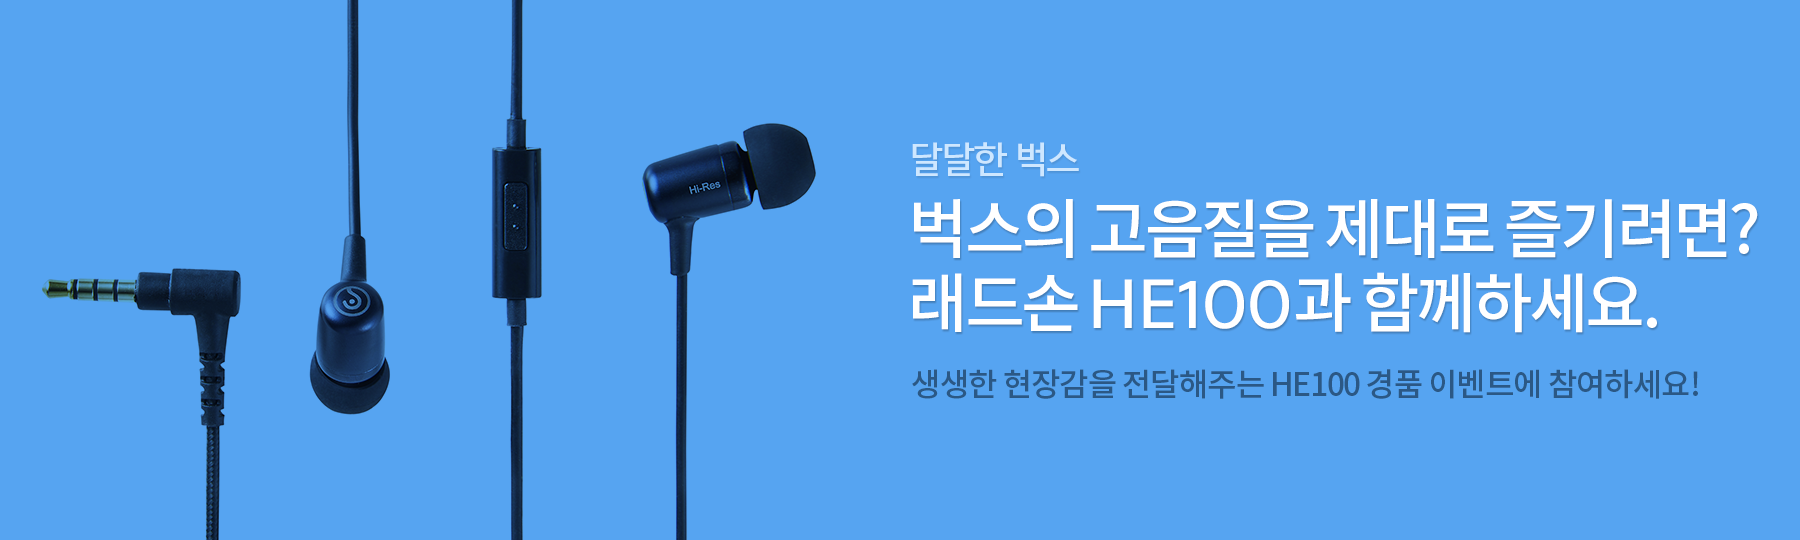 래드손 HE100 경품 이벤트